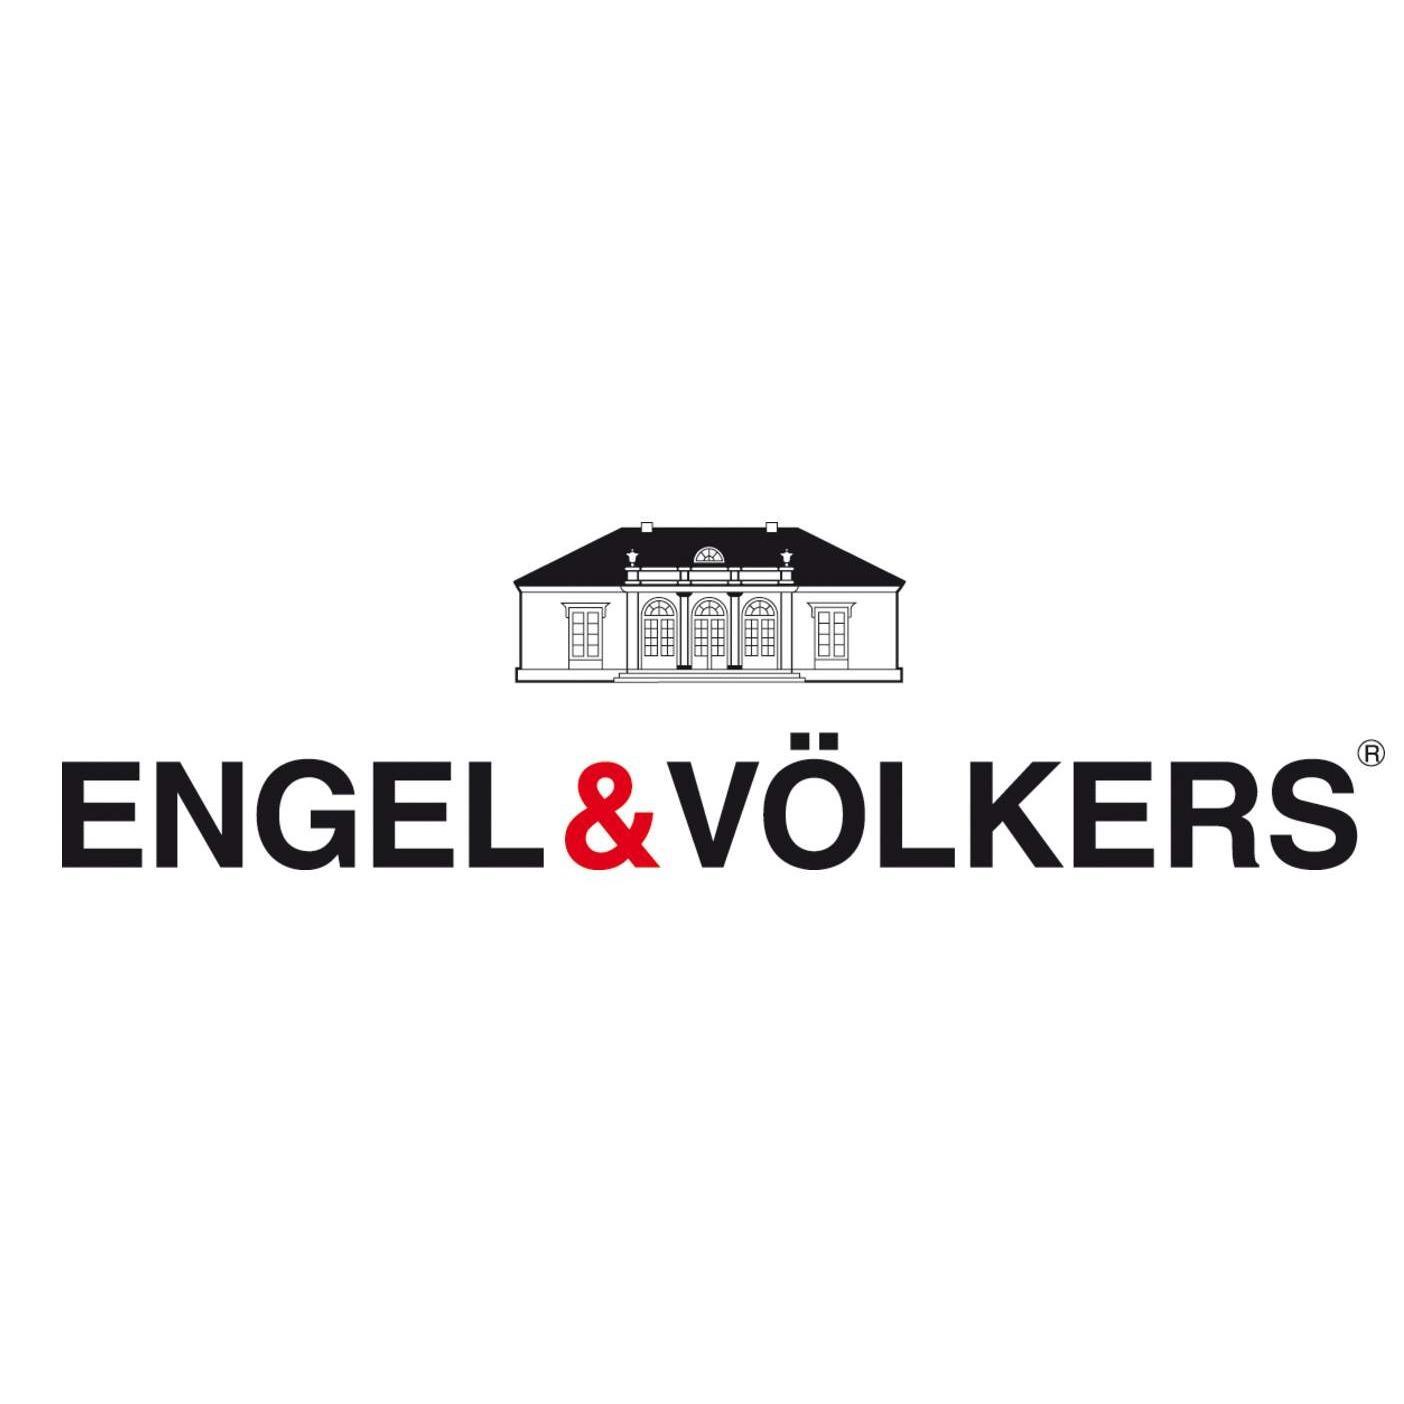 Chris Cataldo, Licensed Real Estate Broker - Engel & Völkers, West Portland image 0